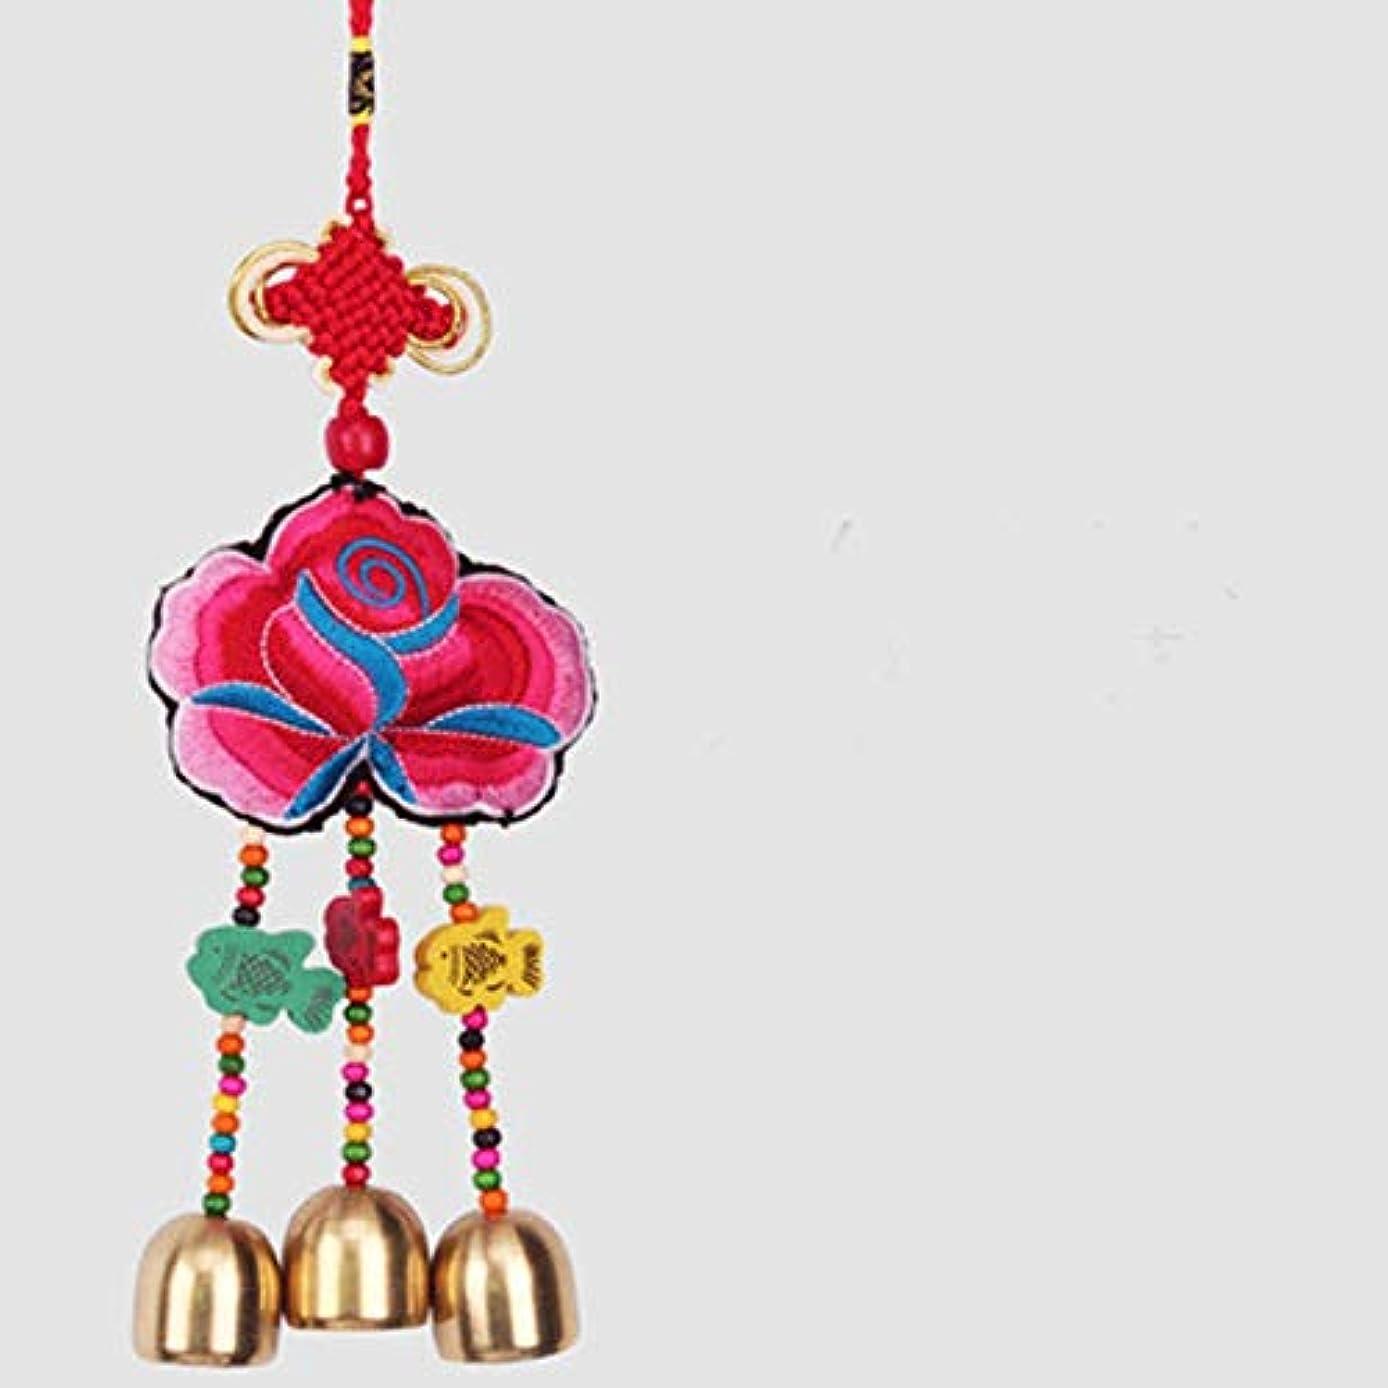 ガード転用覆すHongyuantongxun Small Wind Chimes、中華風刺繍工芸品、14スタイル、ワンピース,、装飾品ペンダント (Color : 2)